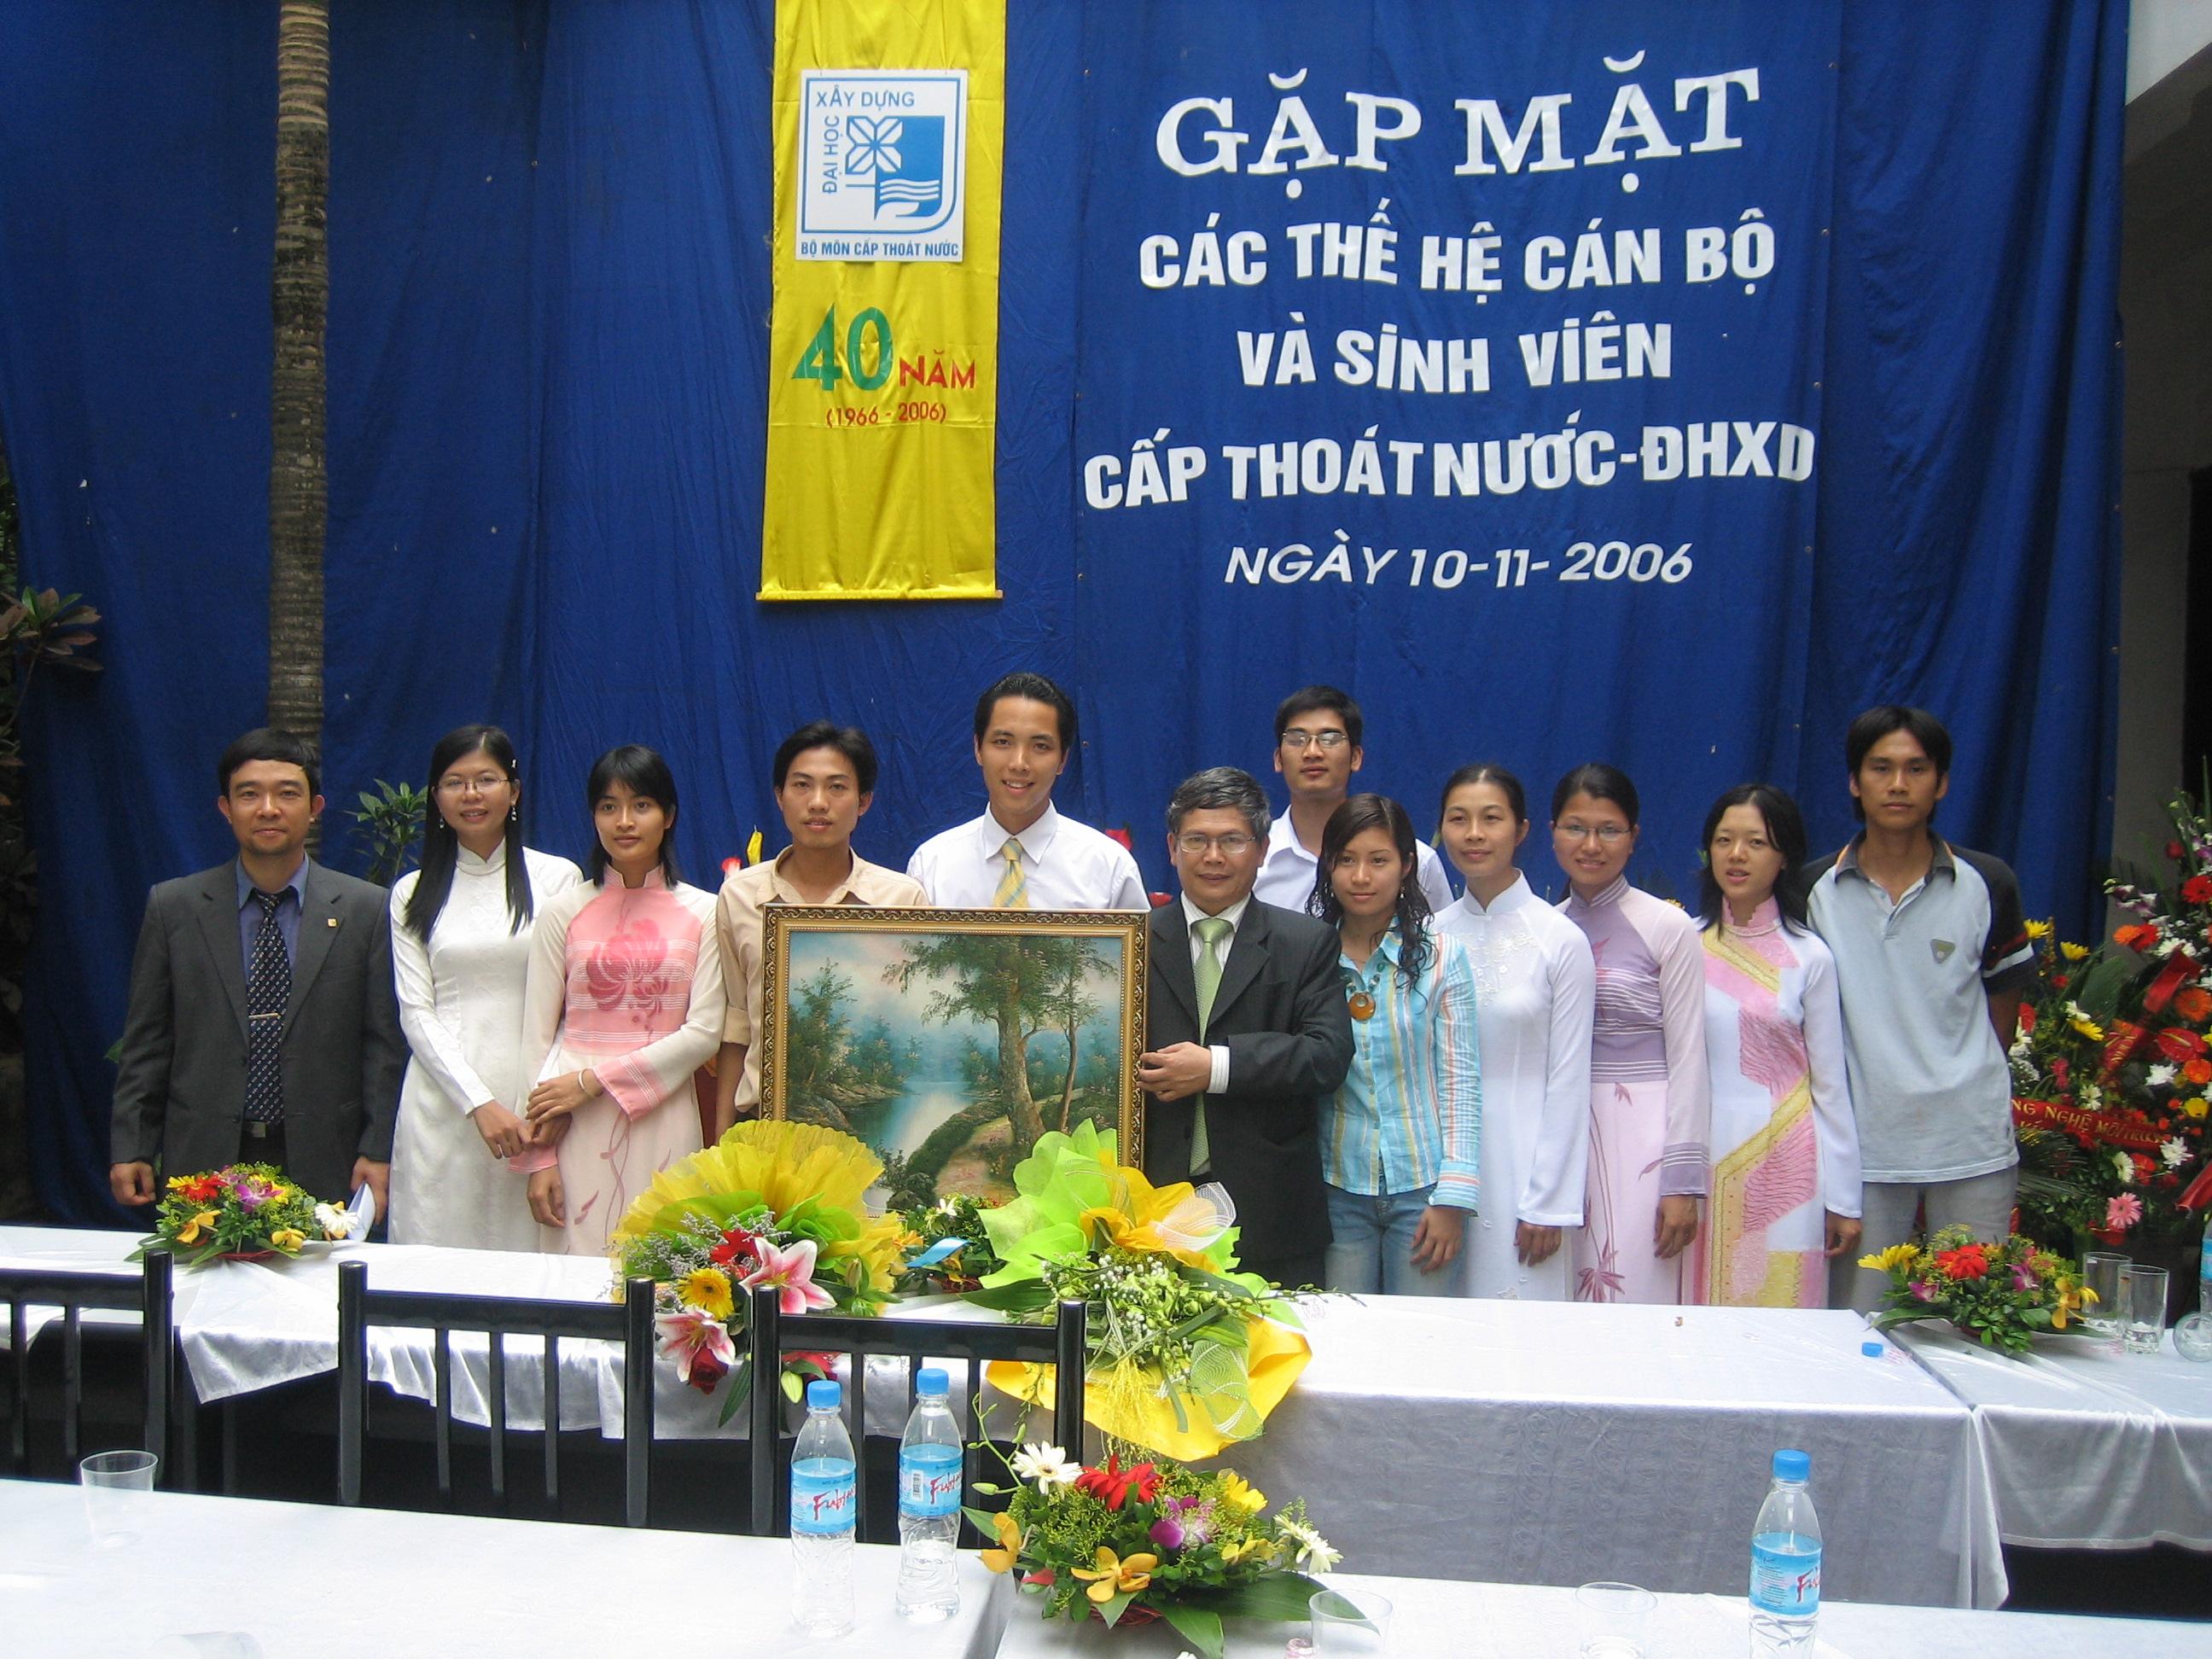 Cựu sinh viên K47 về dự hội ngành năm 2006